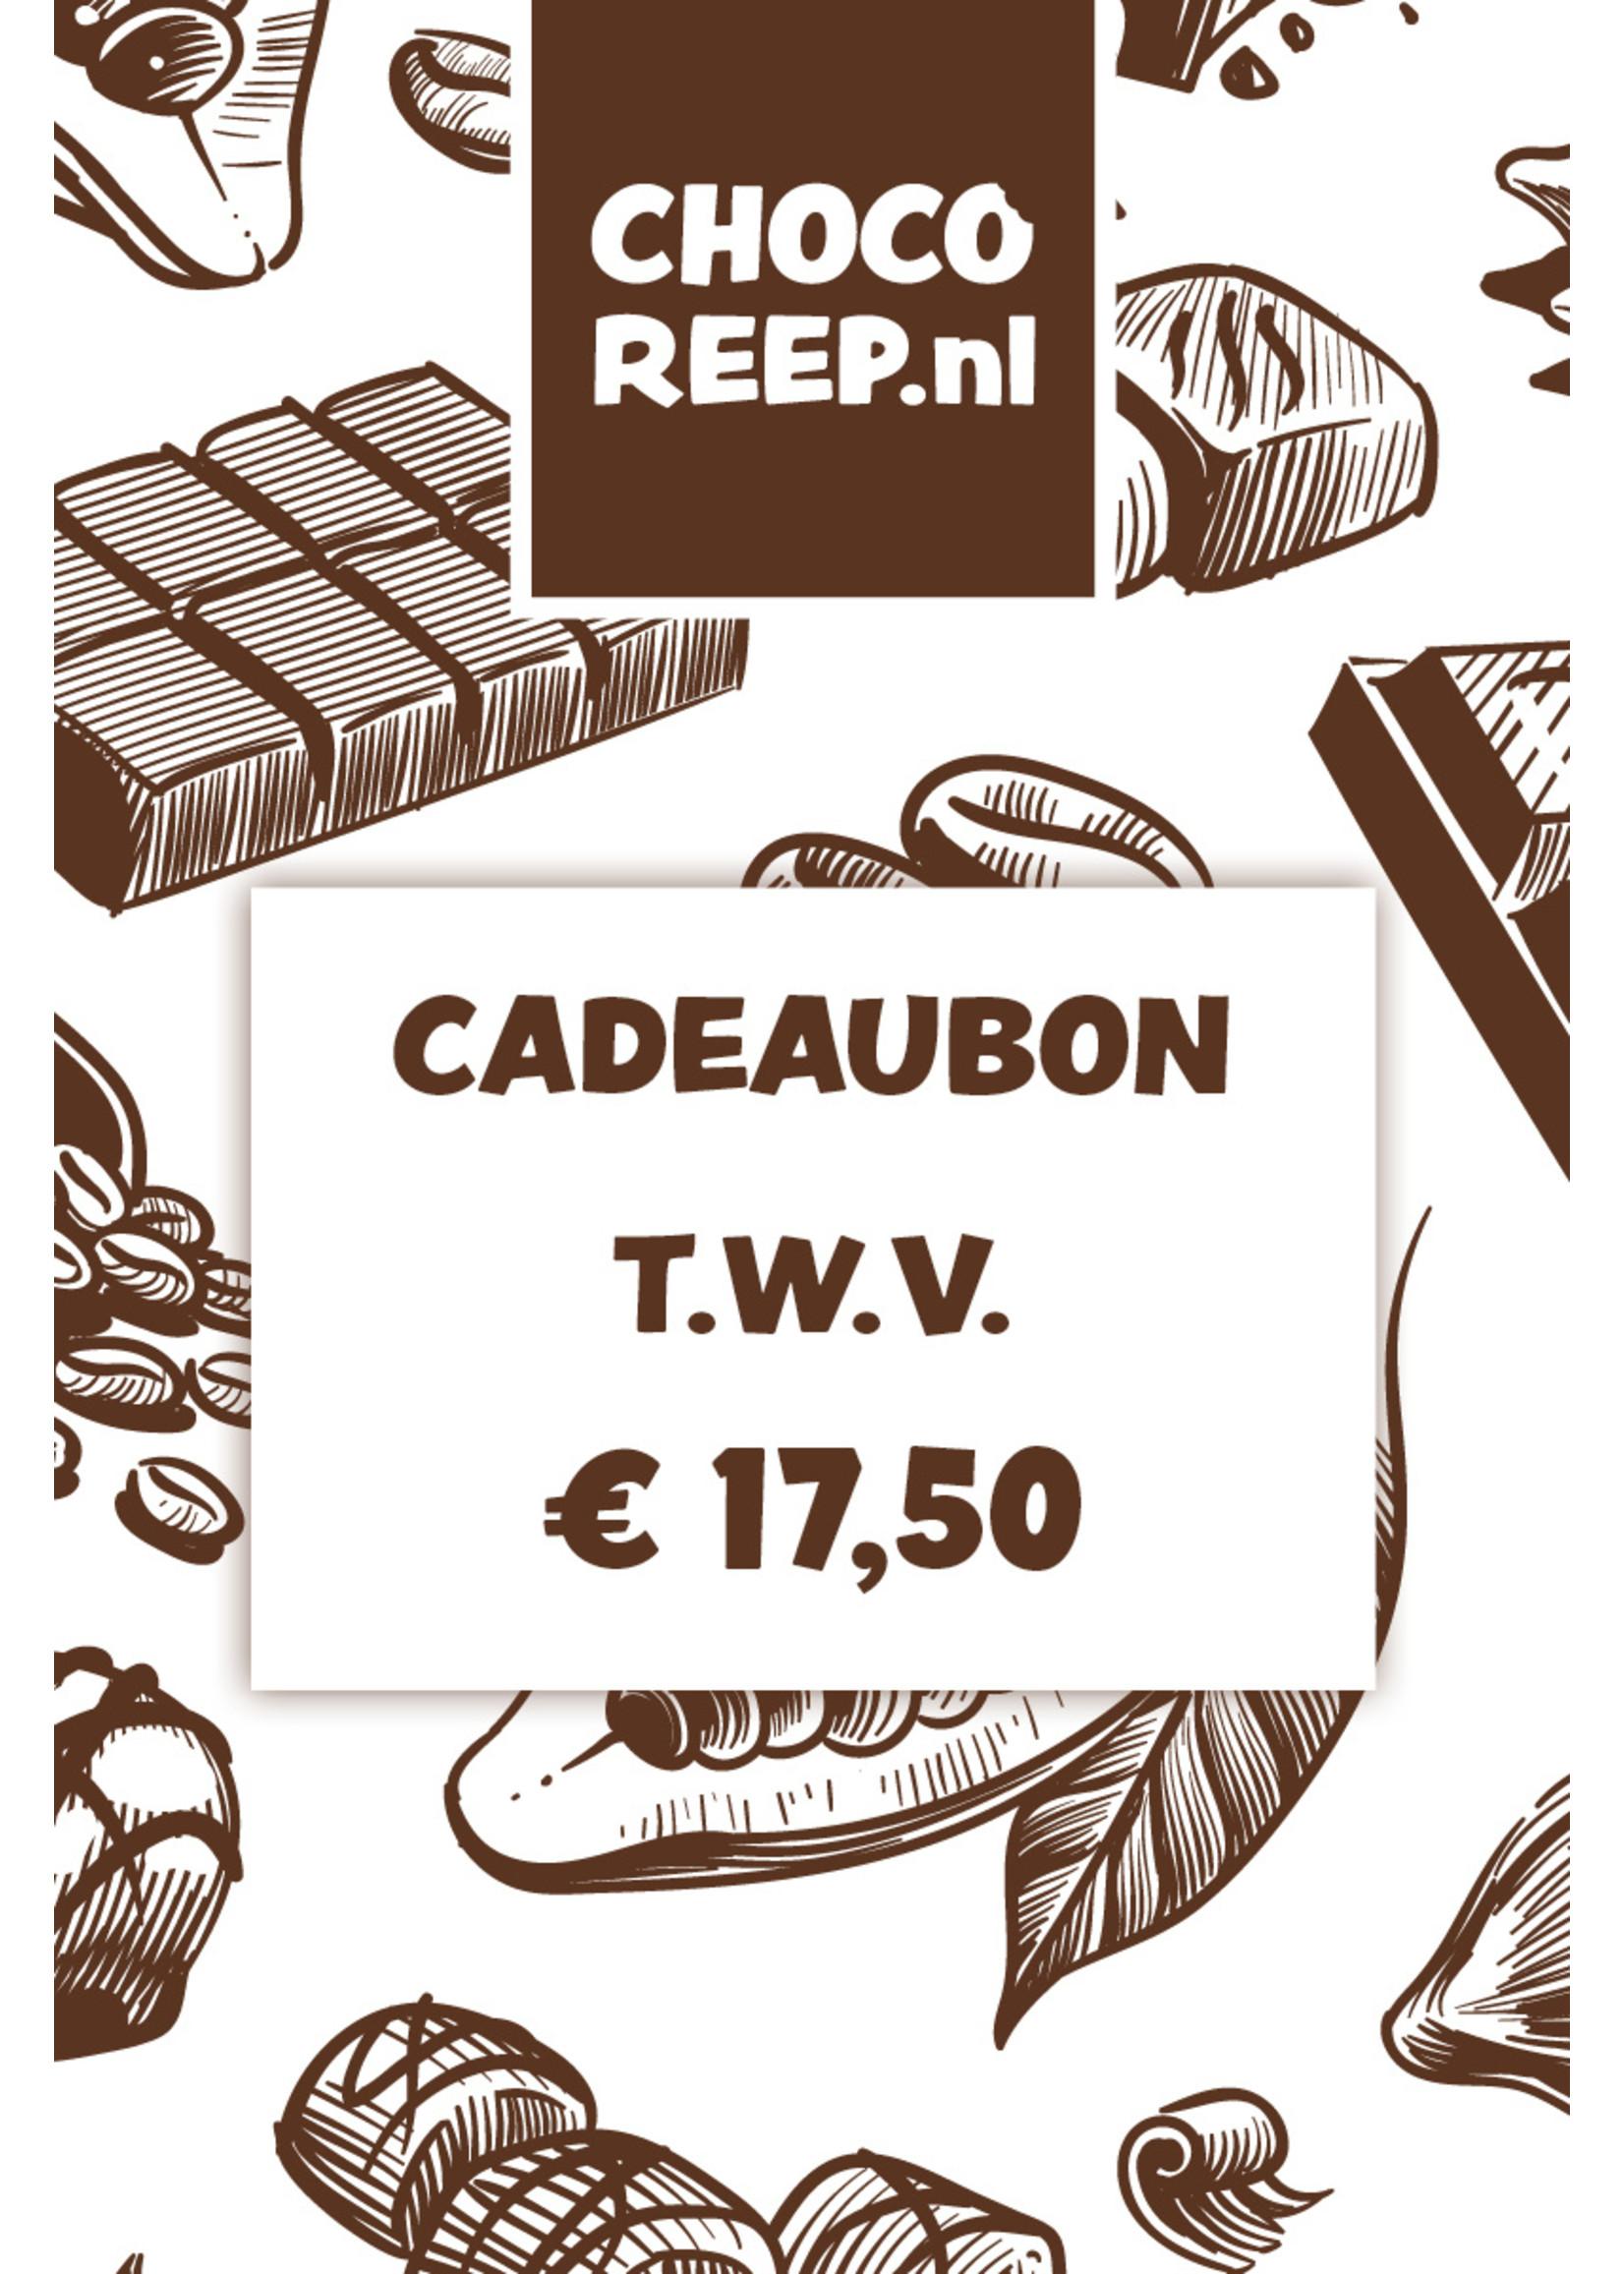 Cadeaubon t.w.v. € 17,50